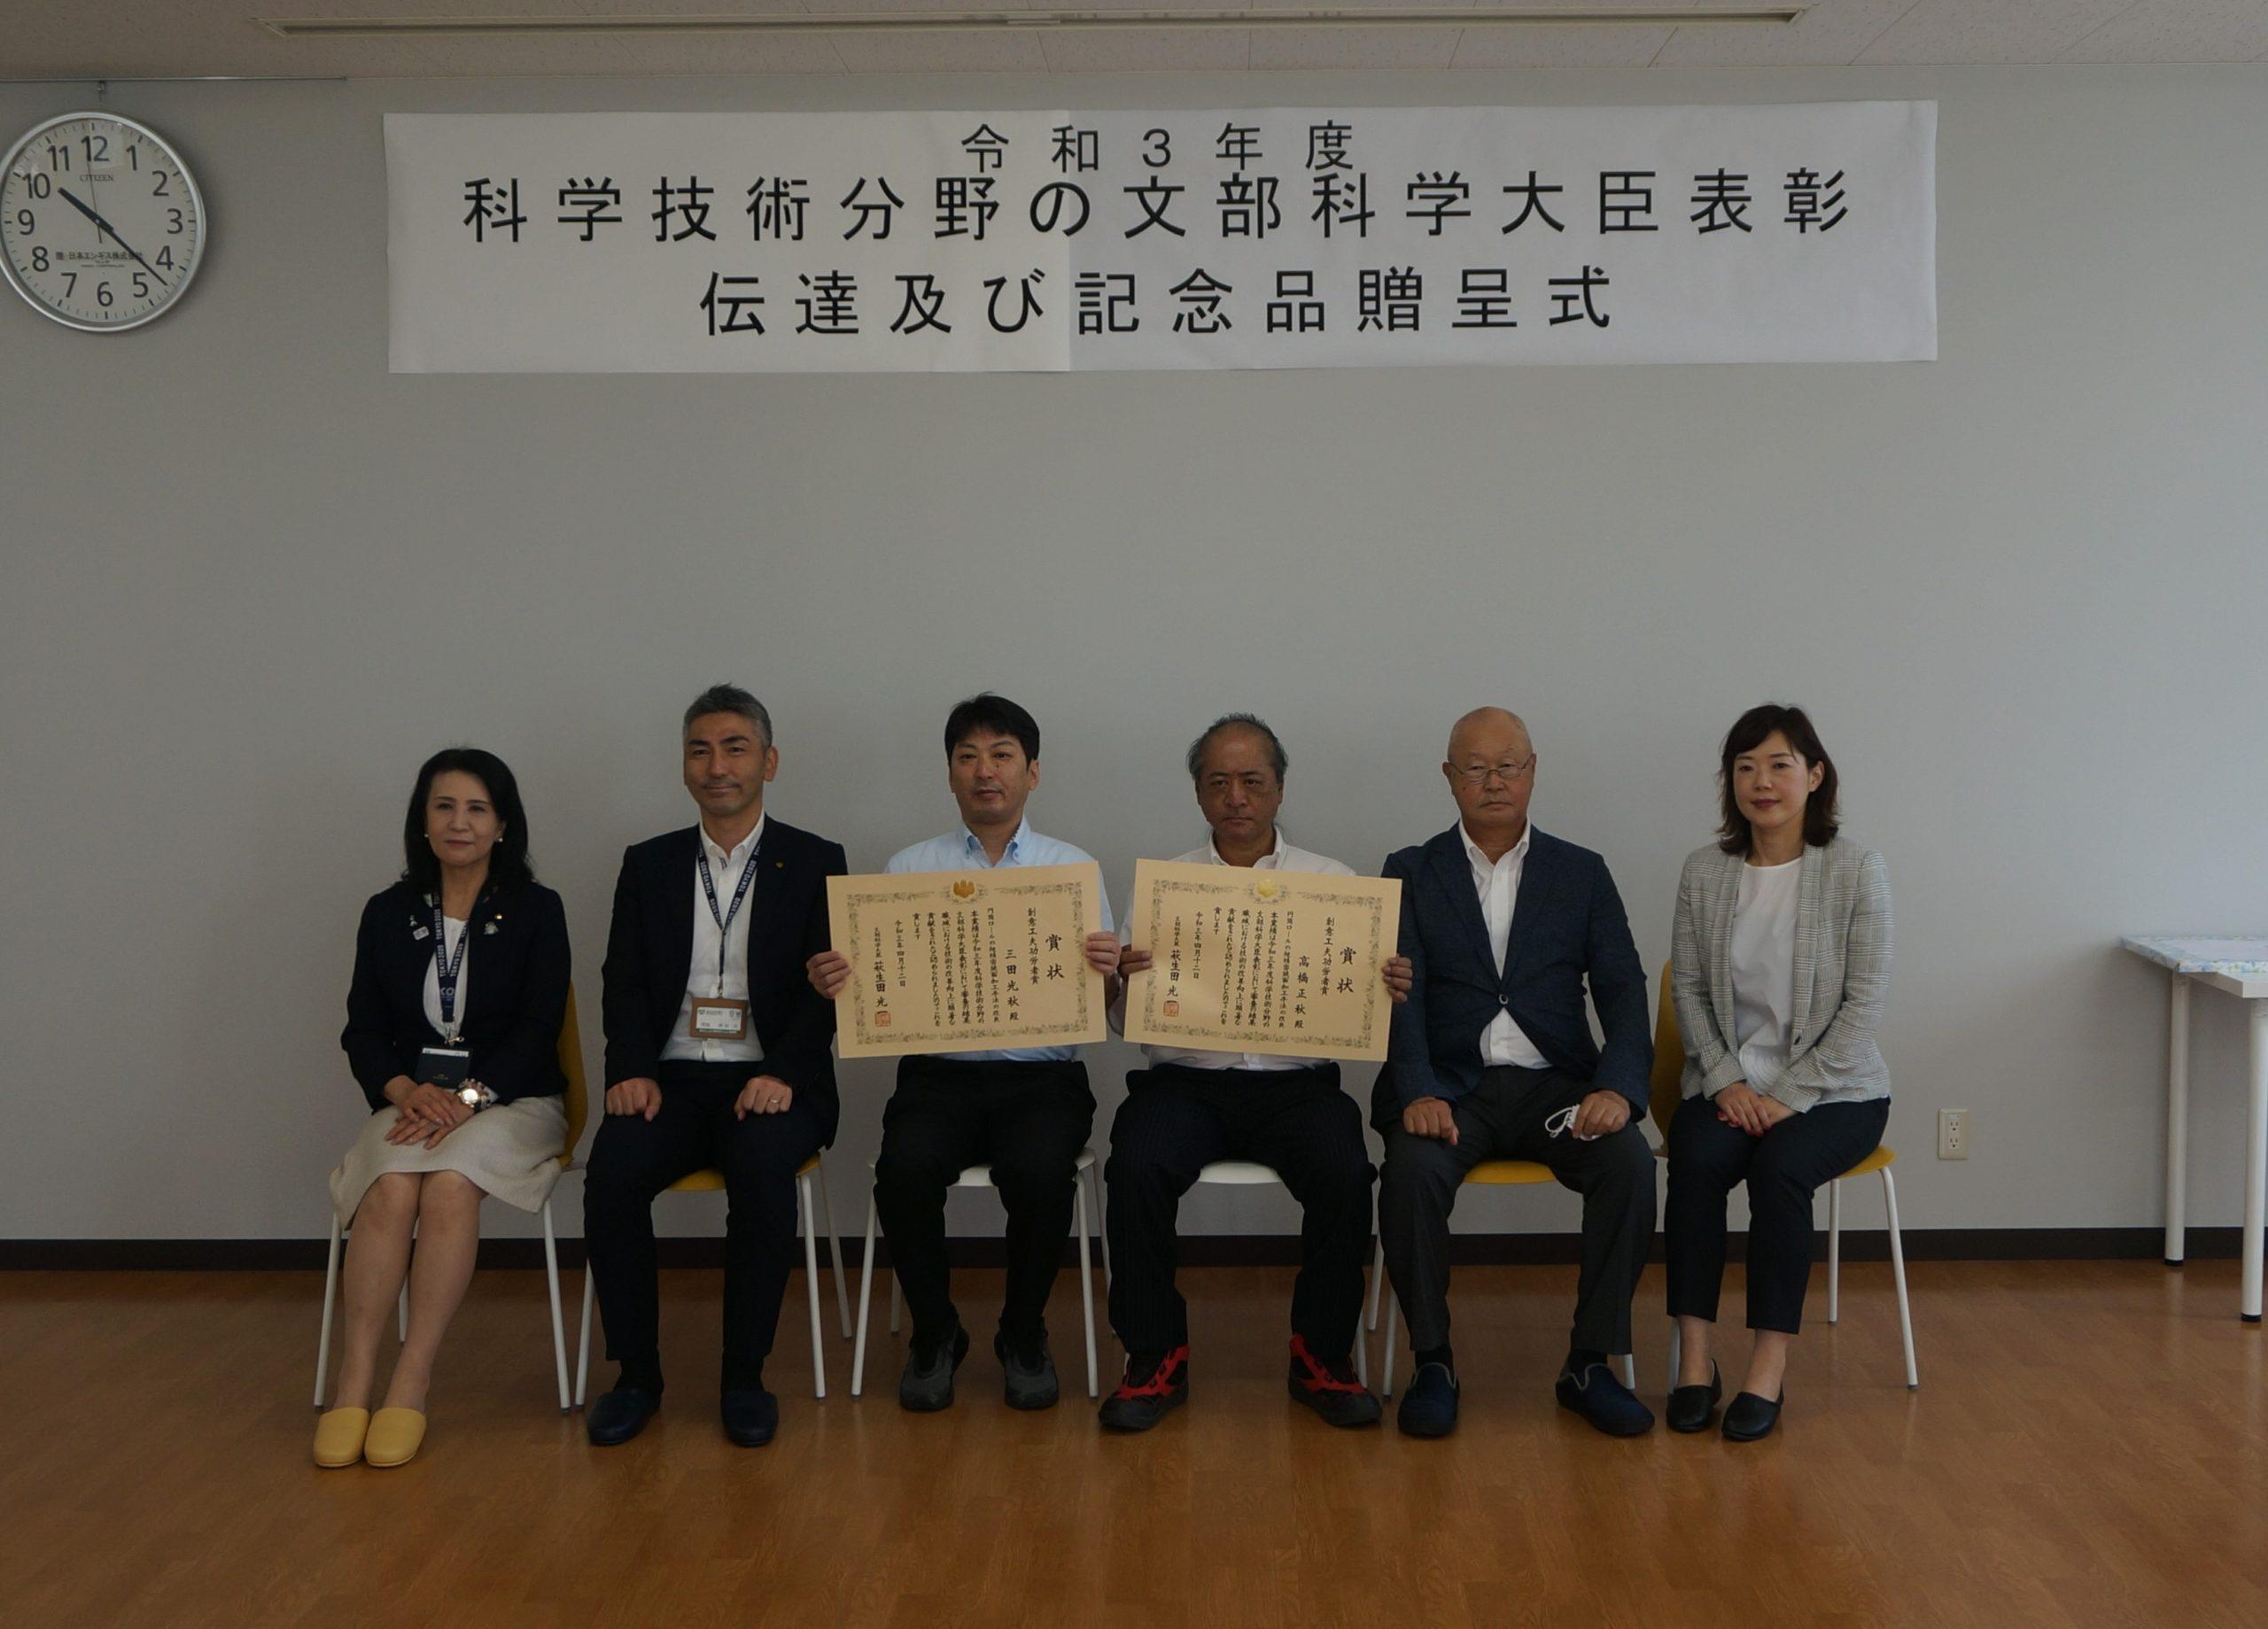 TDC技術者が「科学技術分野の文部科学大臣表彰」を受賞